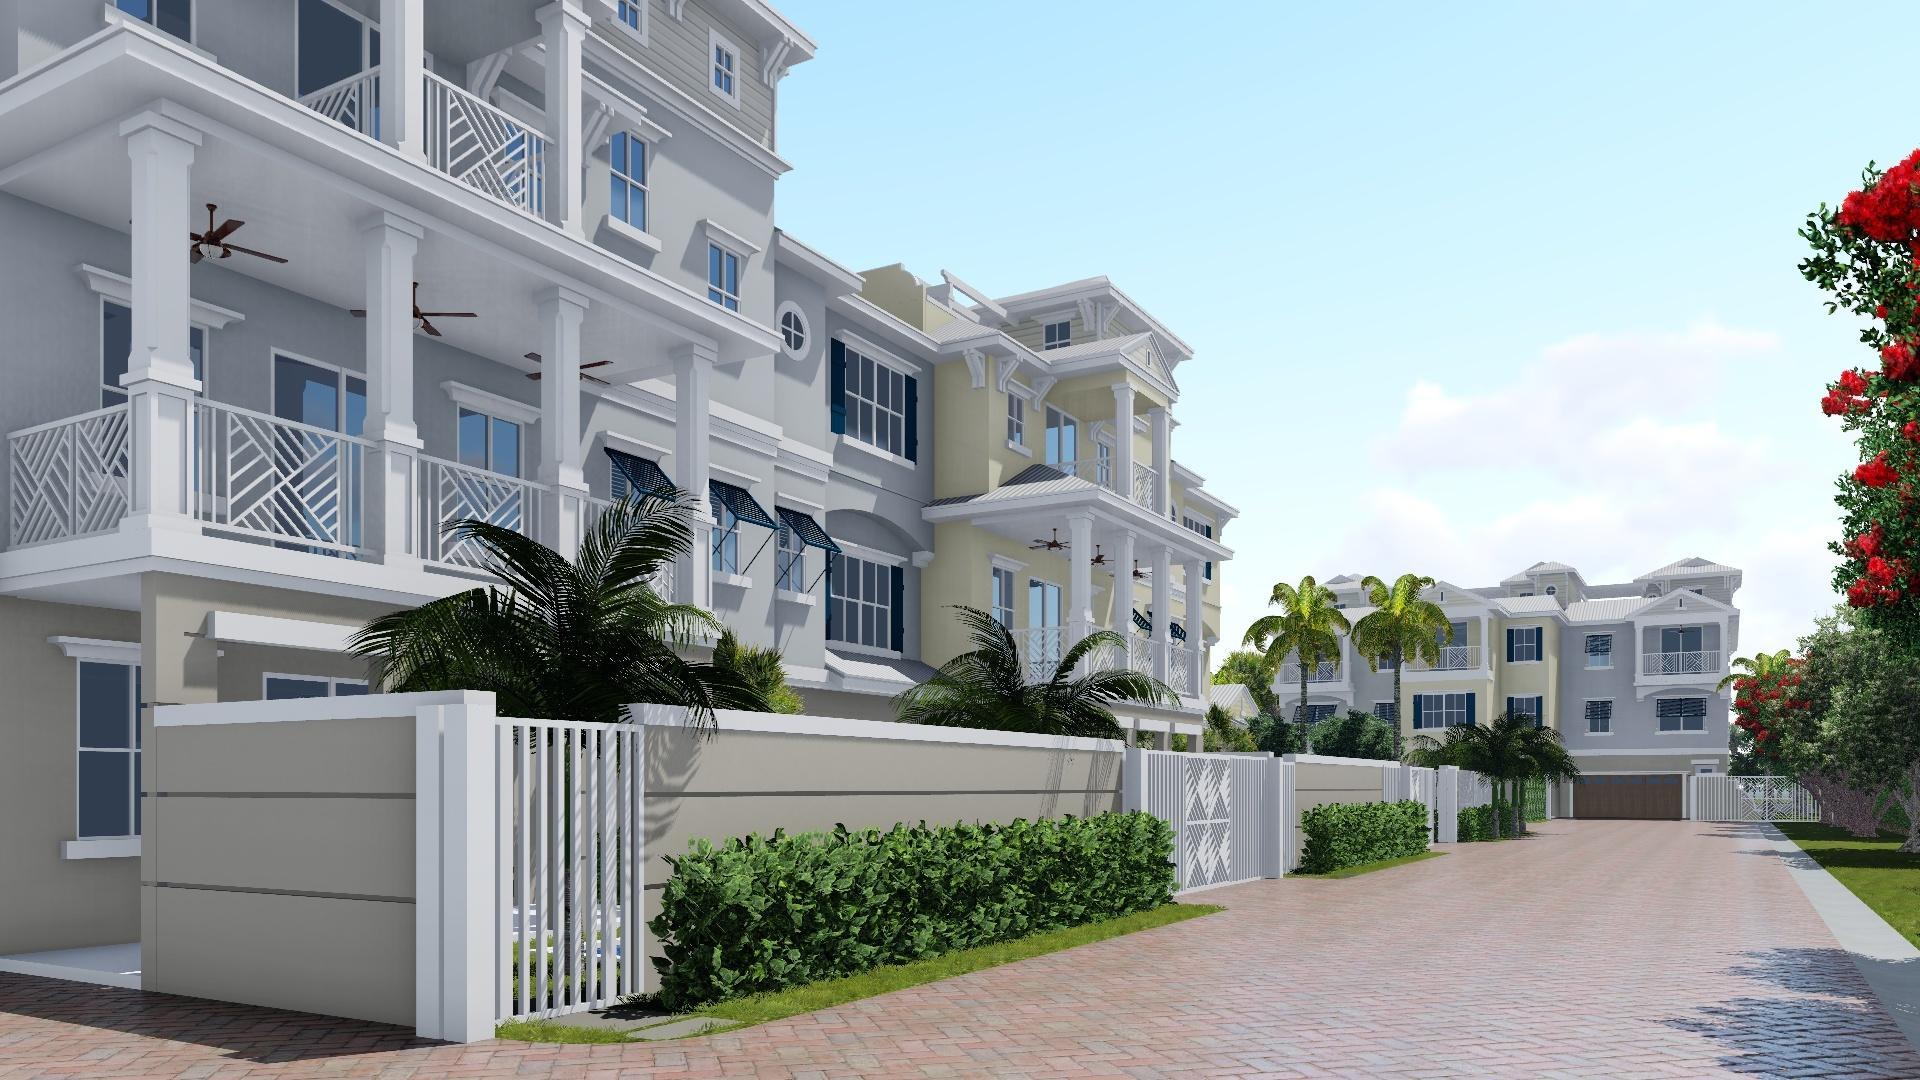 1021 Harbor Villas Drive, North Palm Beach, Florida 33408, 3 Bedrooms Bedrooms, ,4.1 BathroomsBathrooms,A,Townhouse,Harbor Villas,RX-10427045